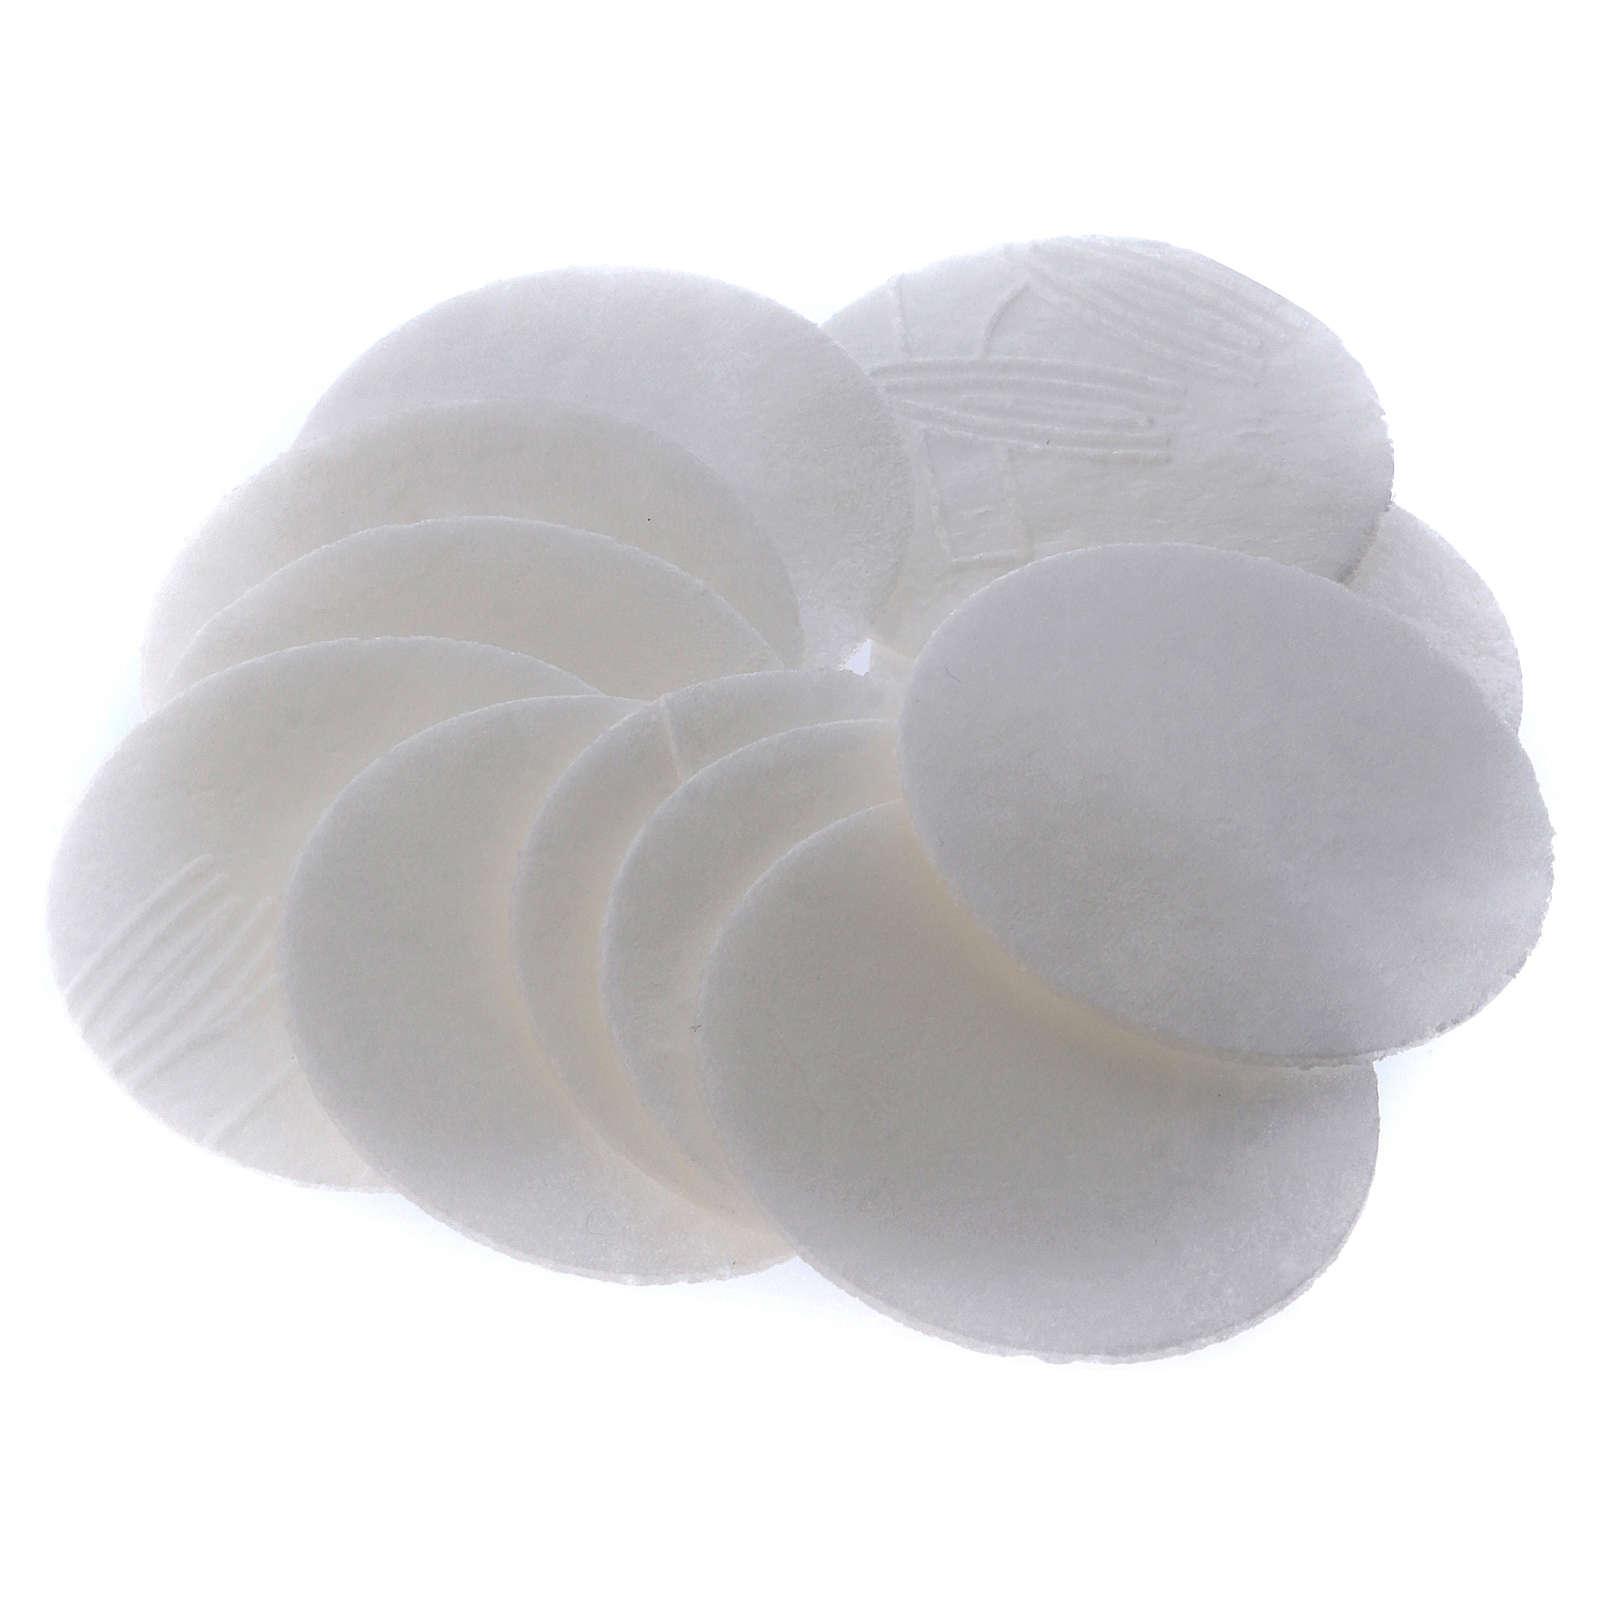 Hosties pour coeliaques sans gluten 50 pcs. diam. 3,5 cm 3